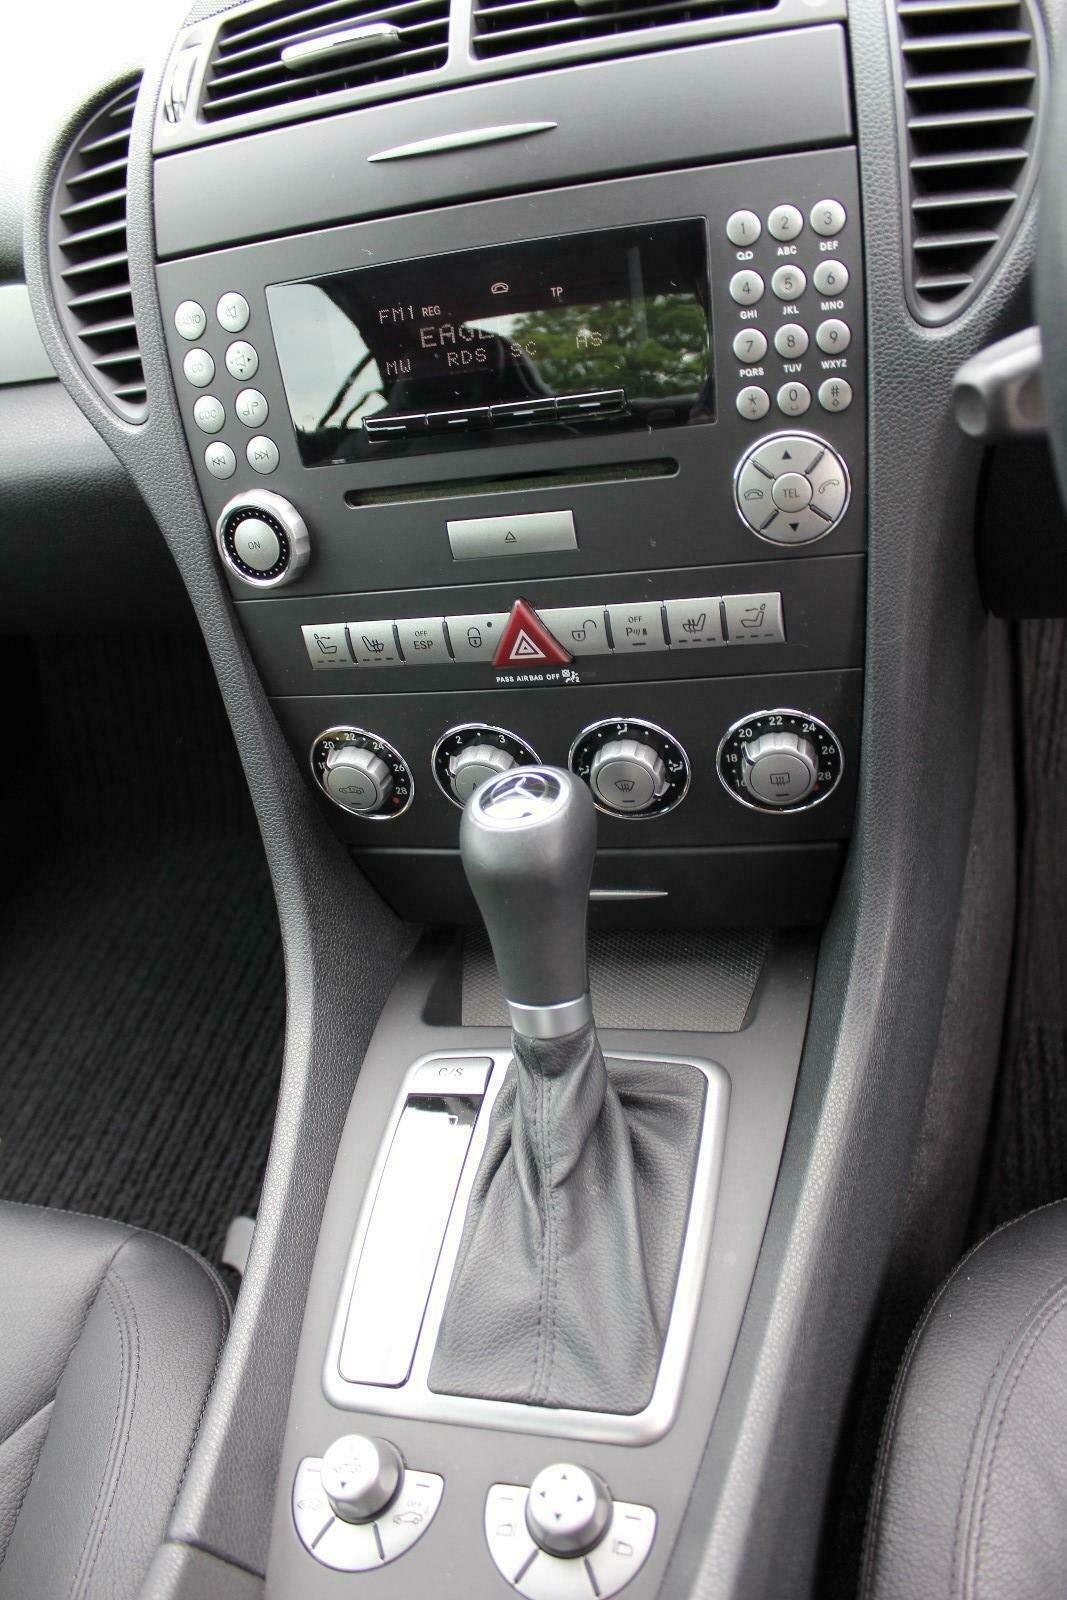 2008 Mercedes-Benz SLK 3.0 SLK280 7G-Tronic 2dr Convertible For Sale (picture 9 of 12)